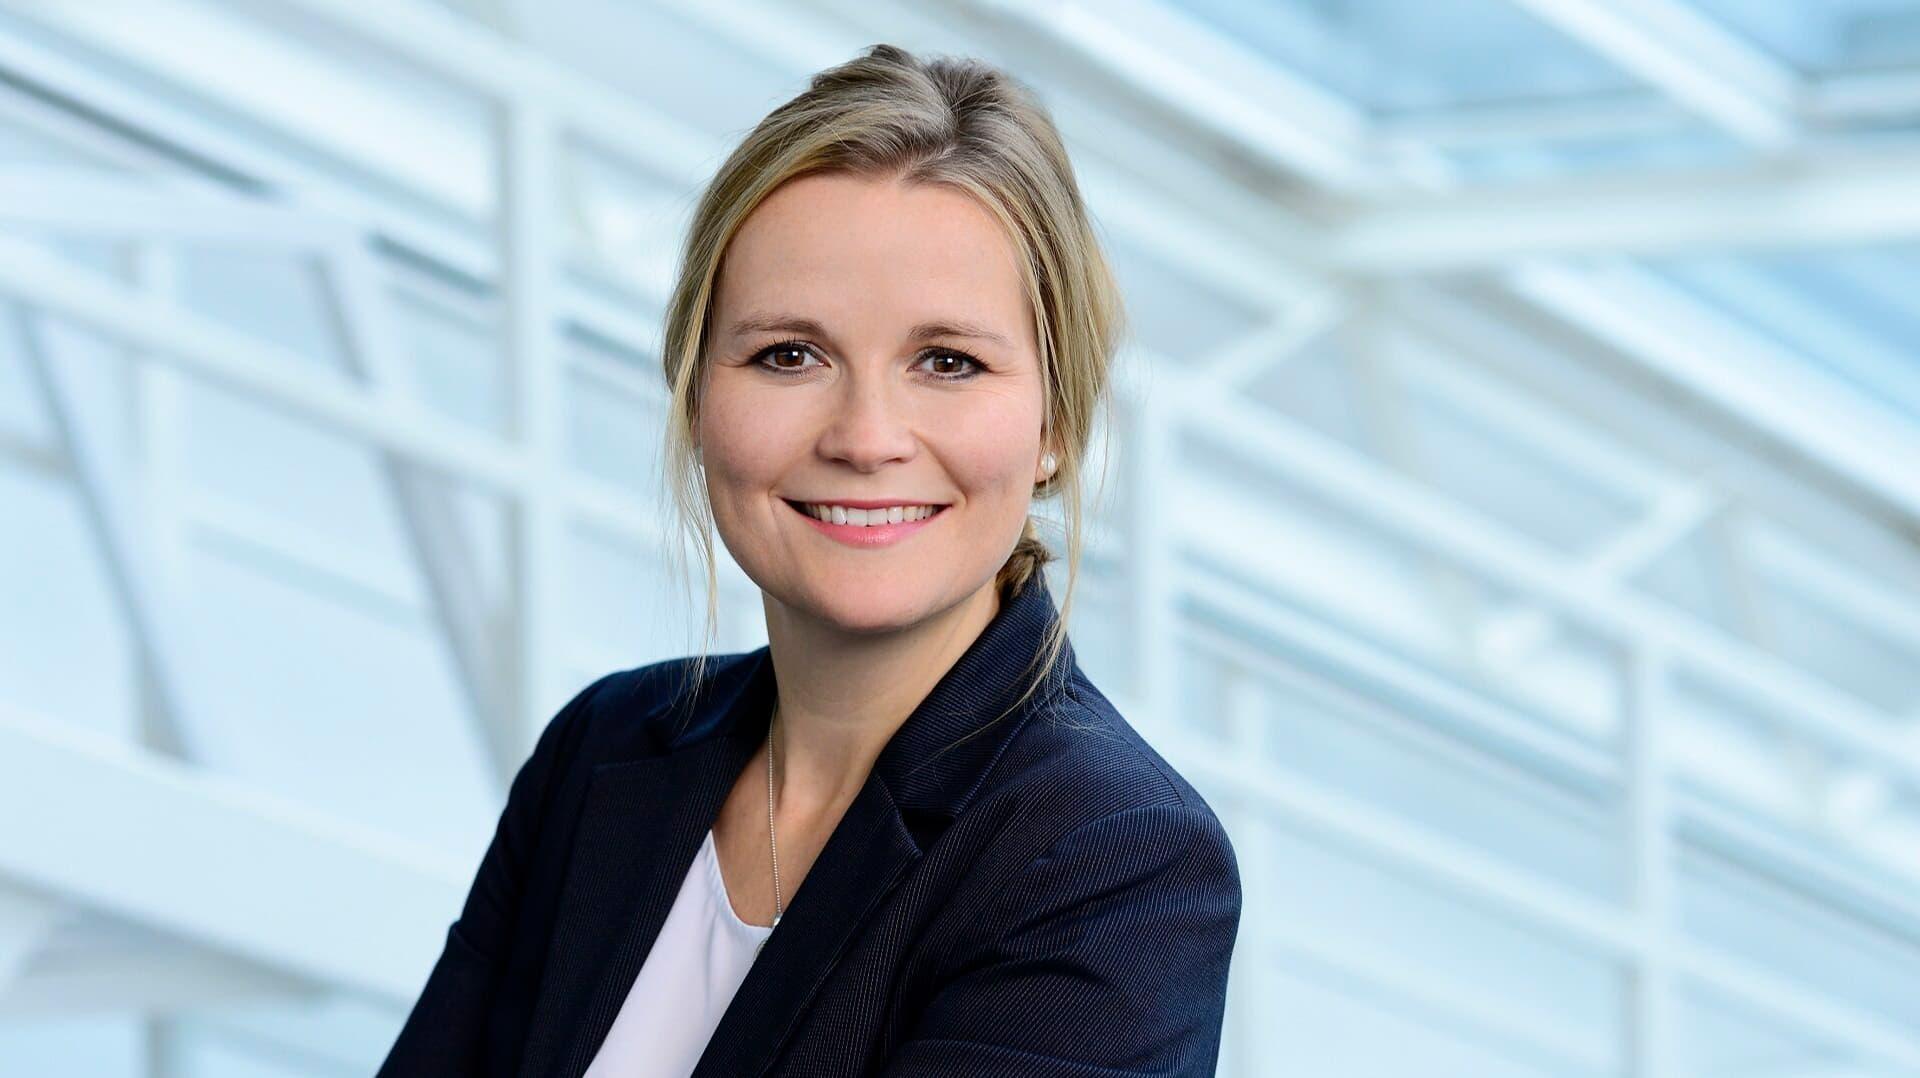 Susanne Vogel, Lavera, Laverana